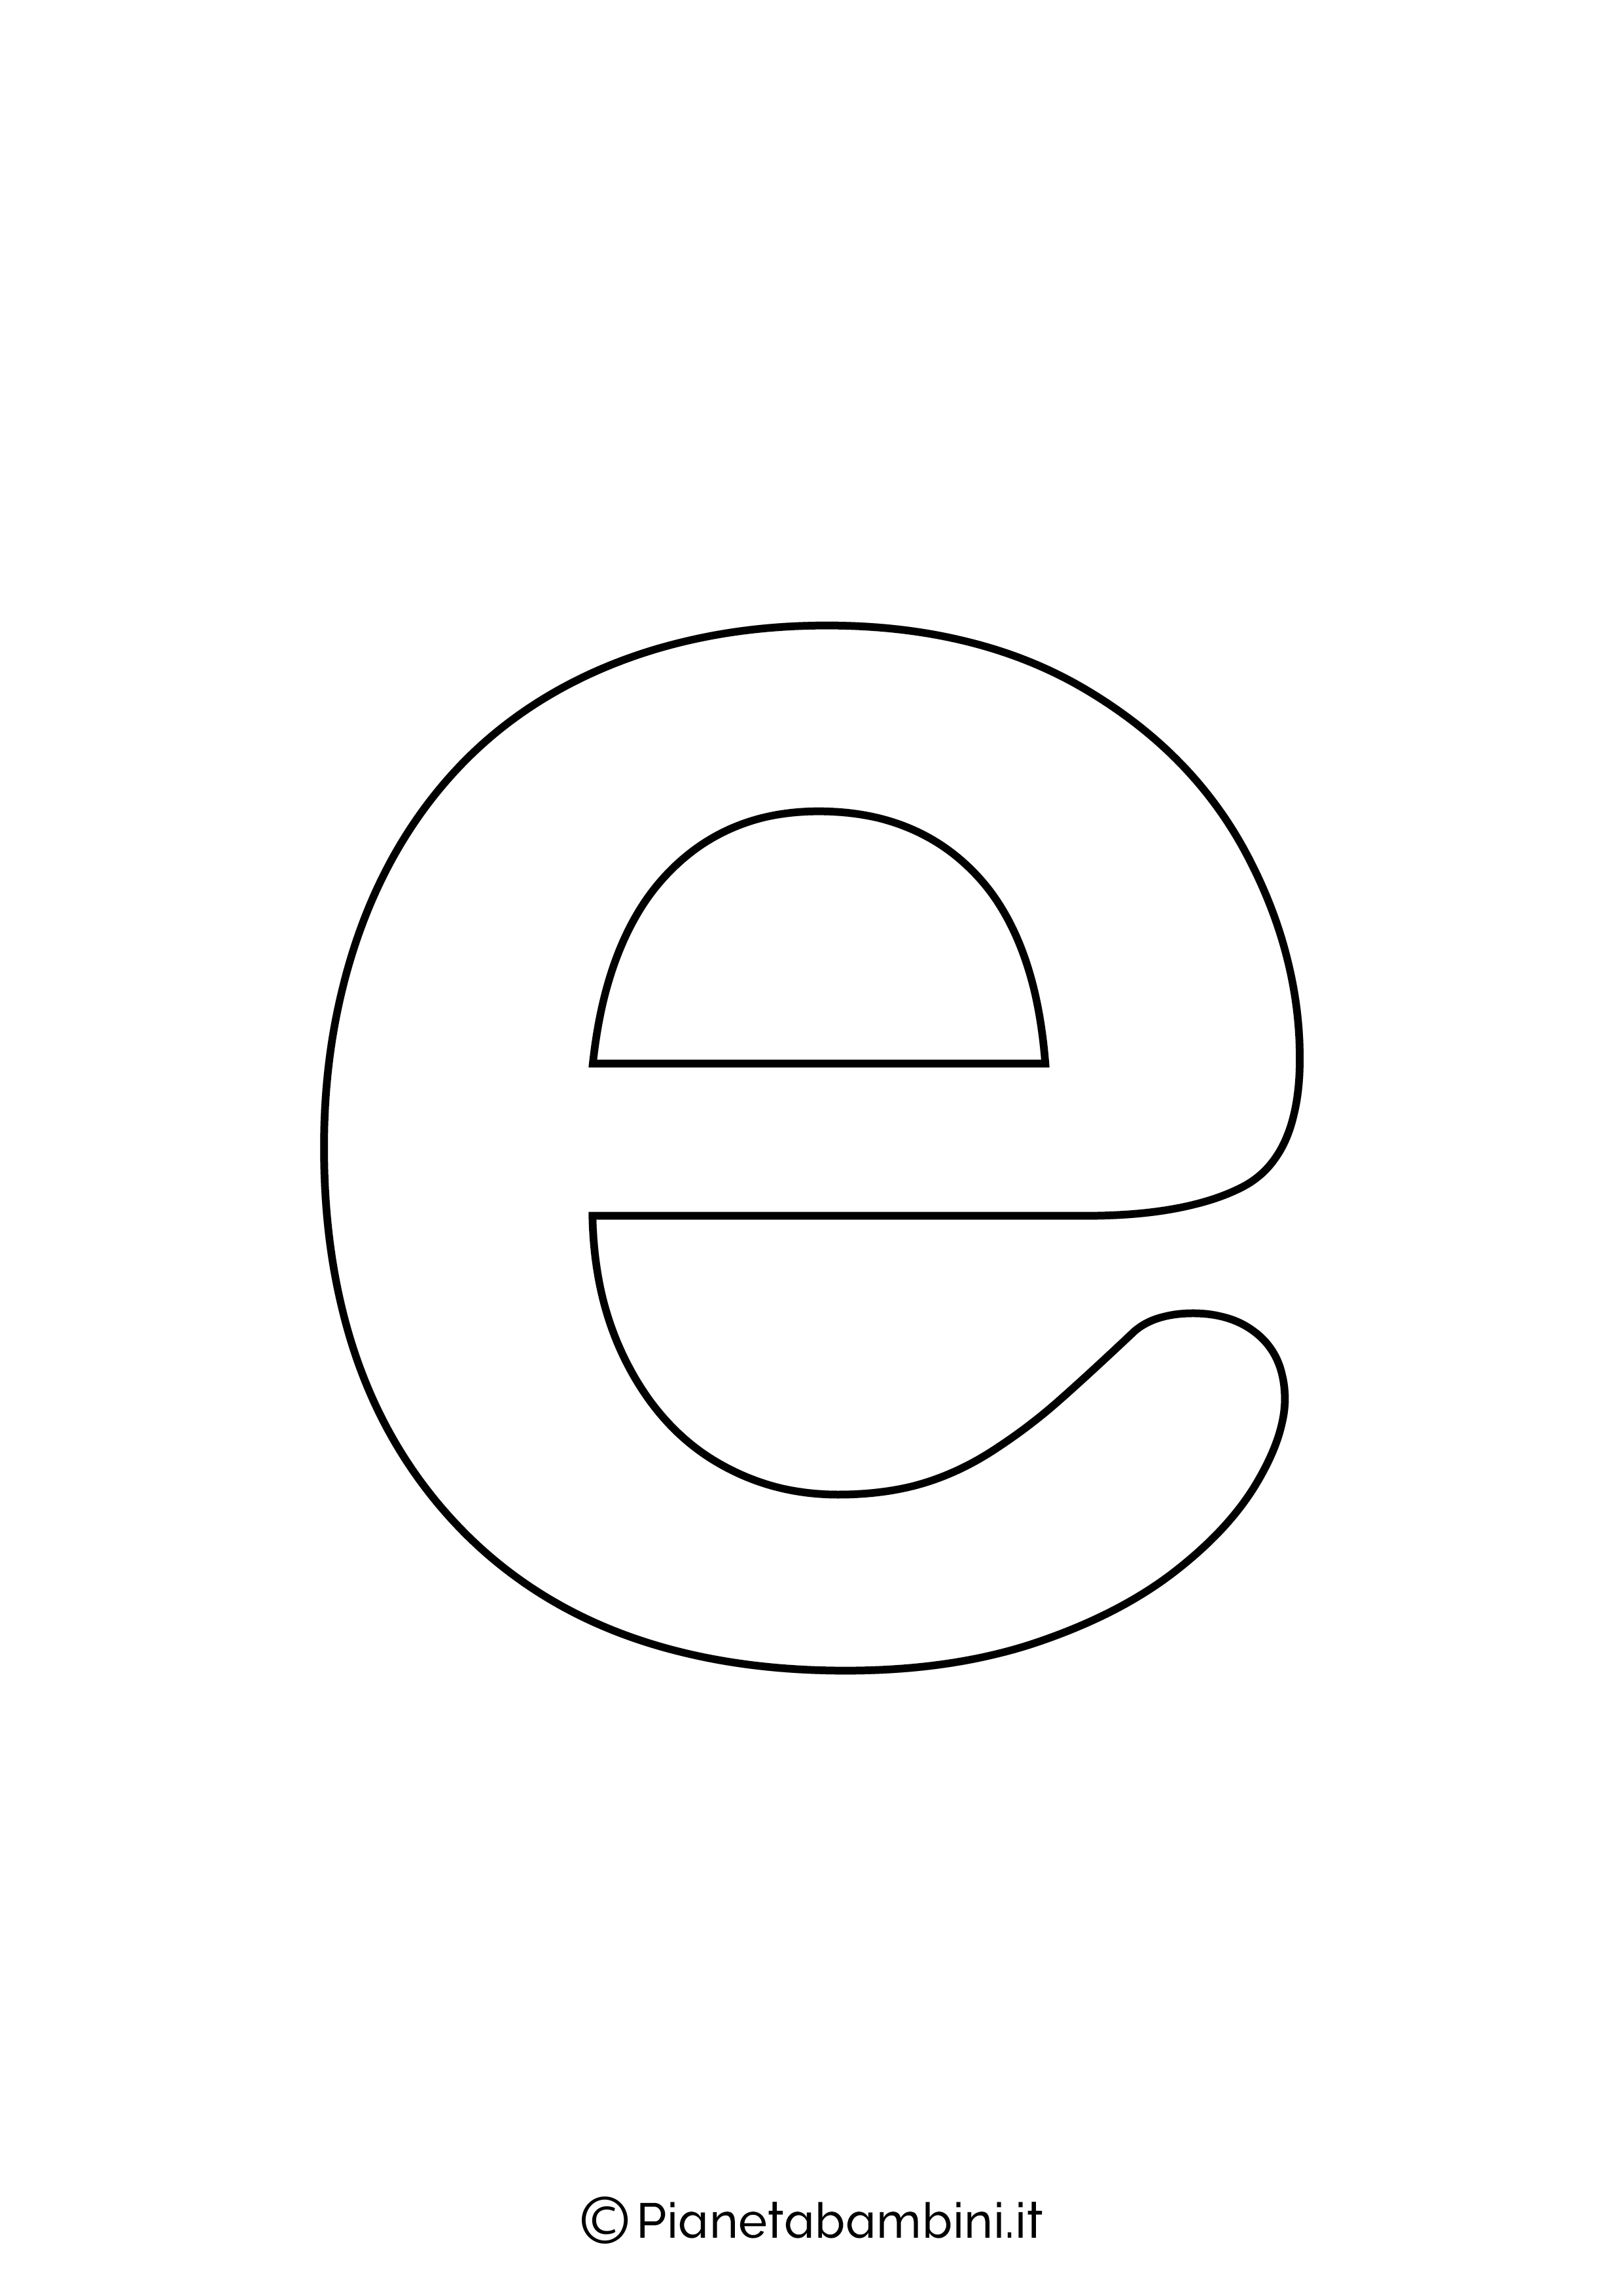 Lettera E minuscola da stampare